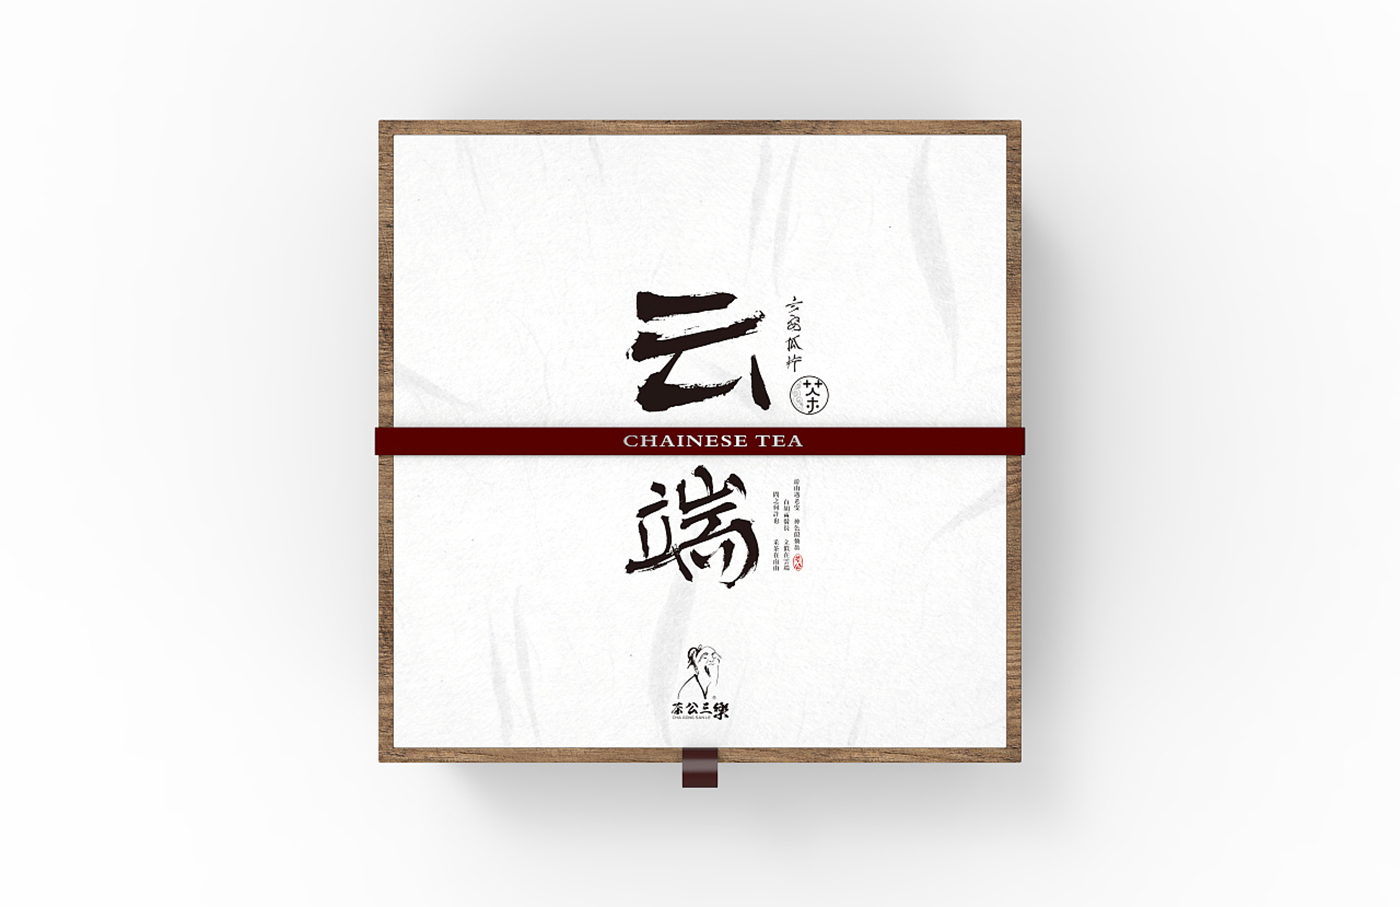 云端高级茶叶盒包装设计-木质茶叶盒包装设计